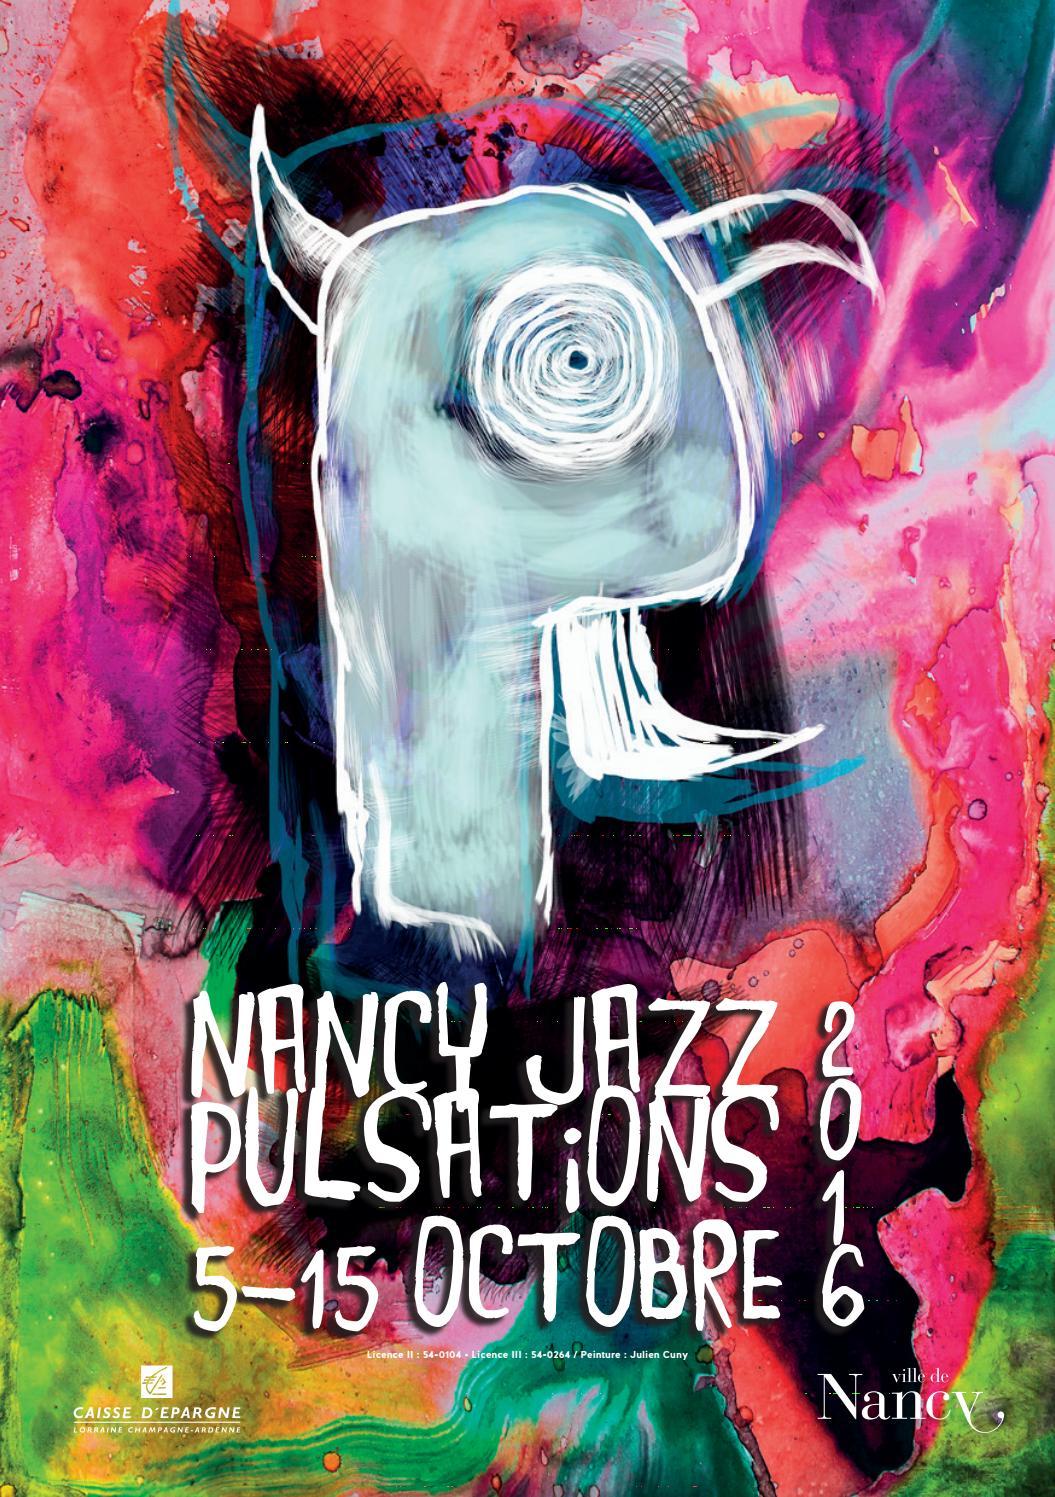 Fete De La Musique 2016 Nancy : musique, nancy, Programme, Nancy, Pulsations, Issuu